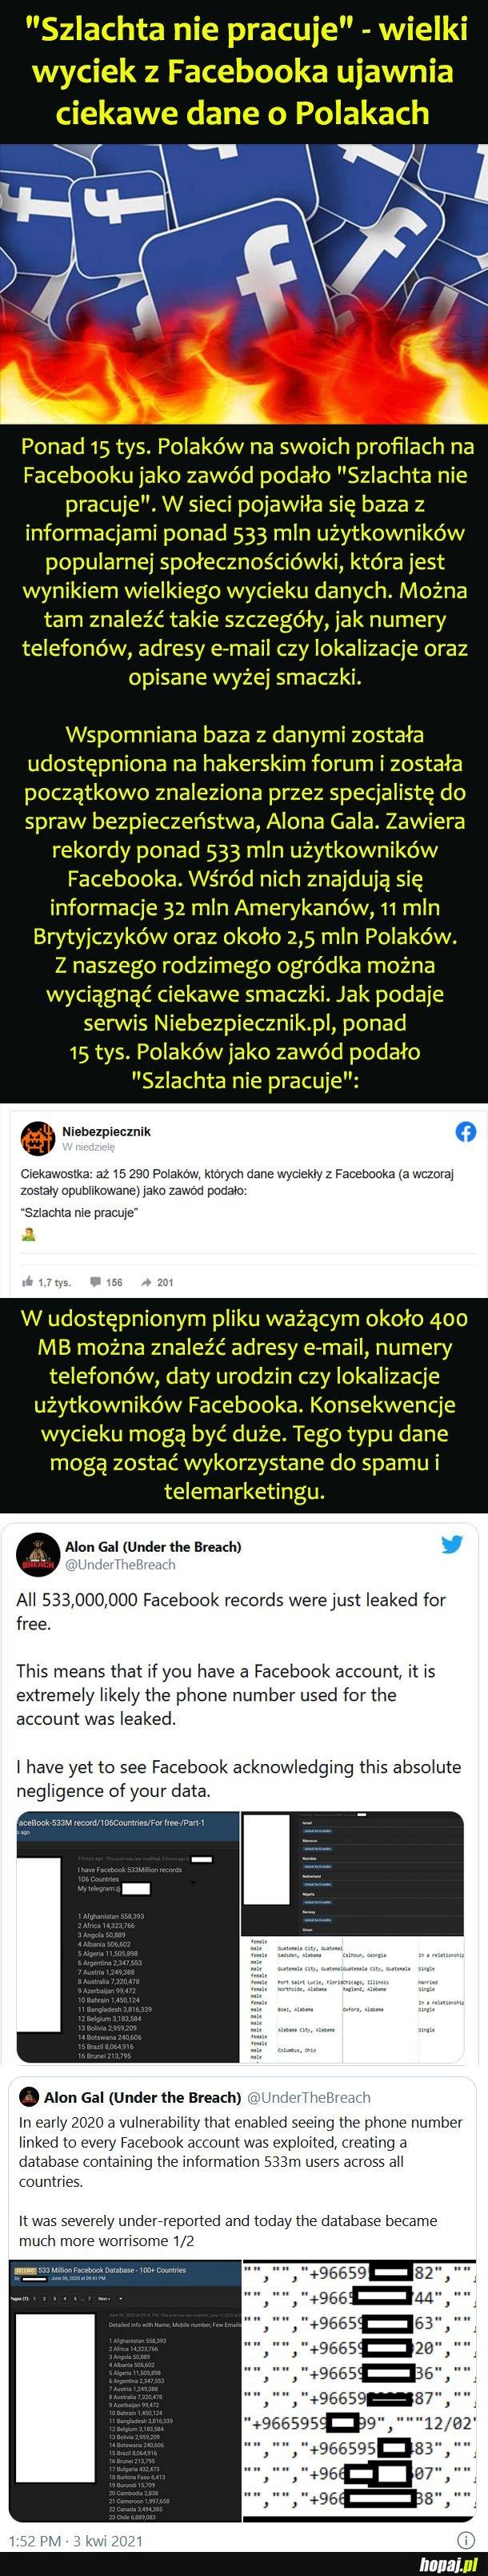 Polska szlachta